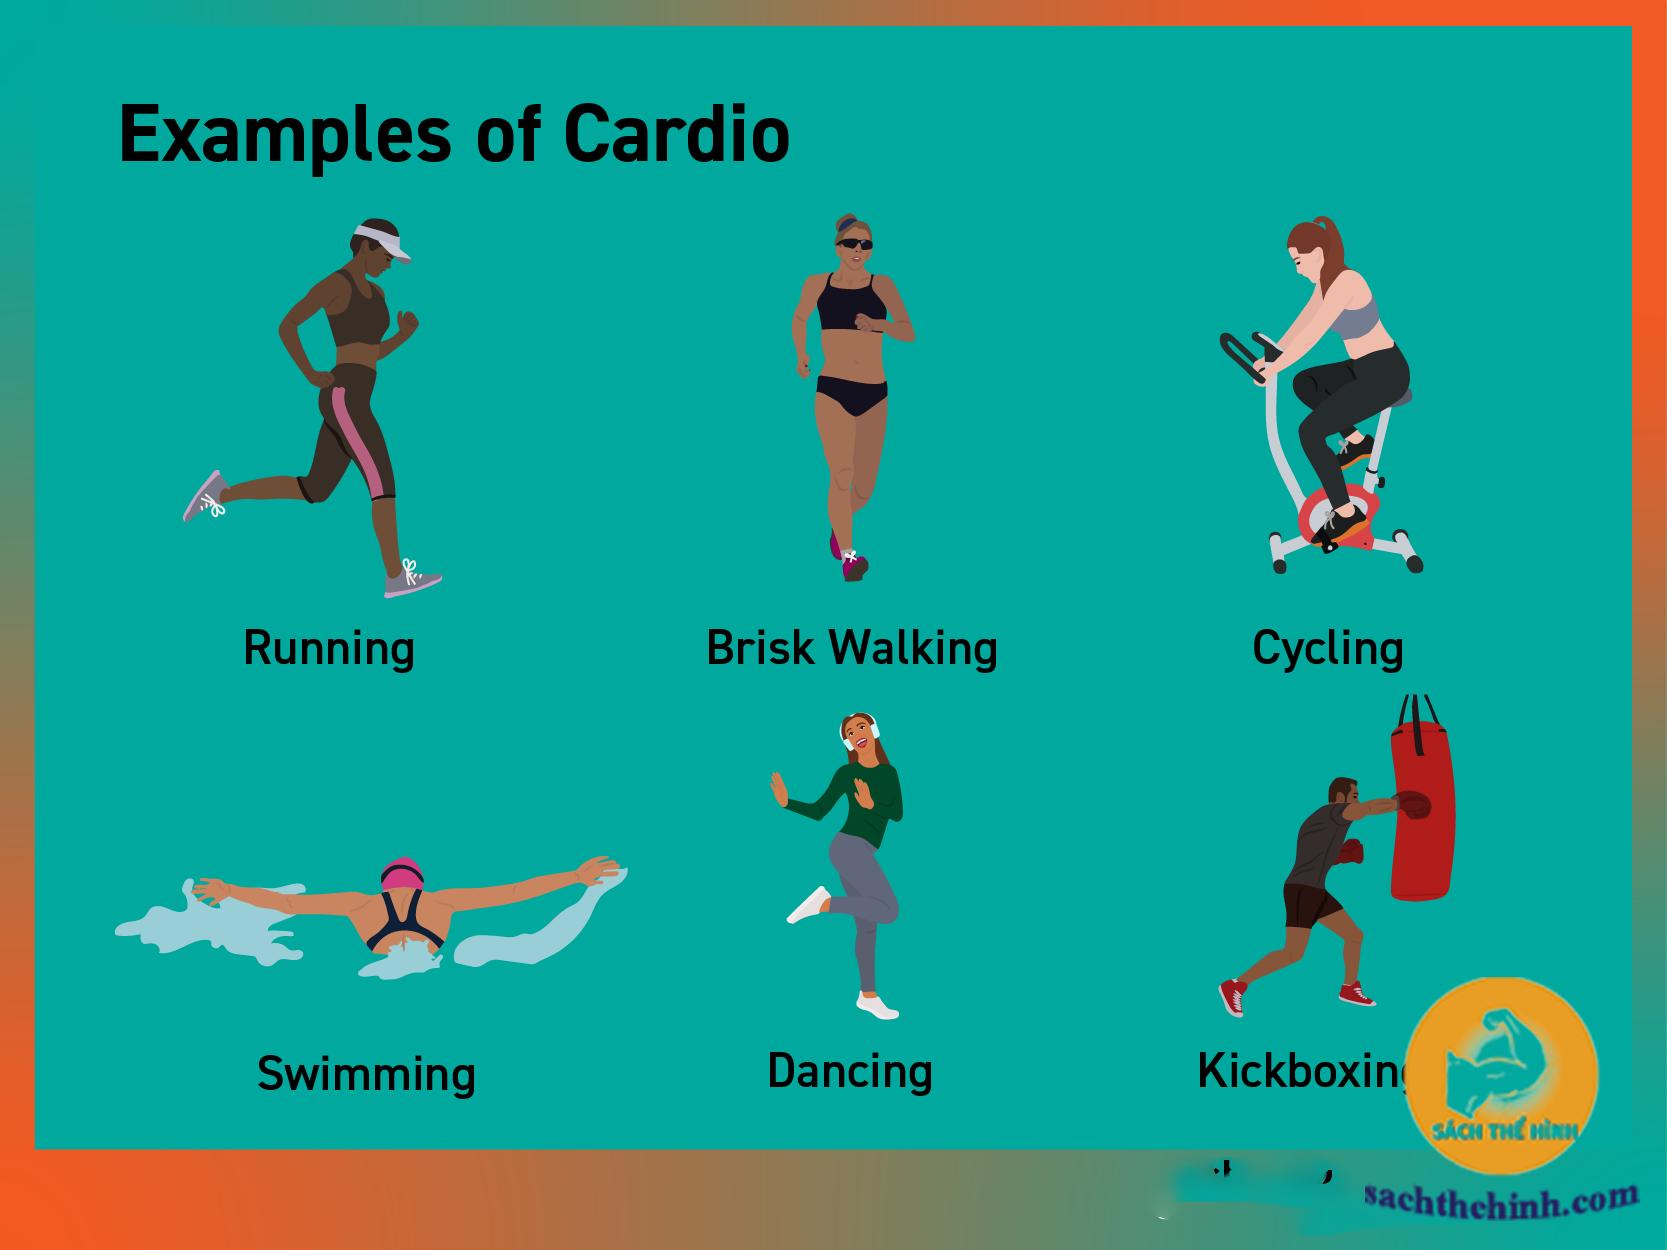 các bài tập cardio